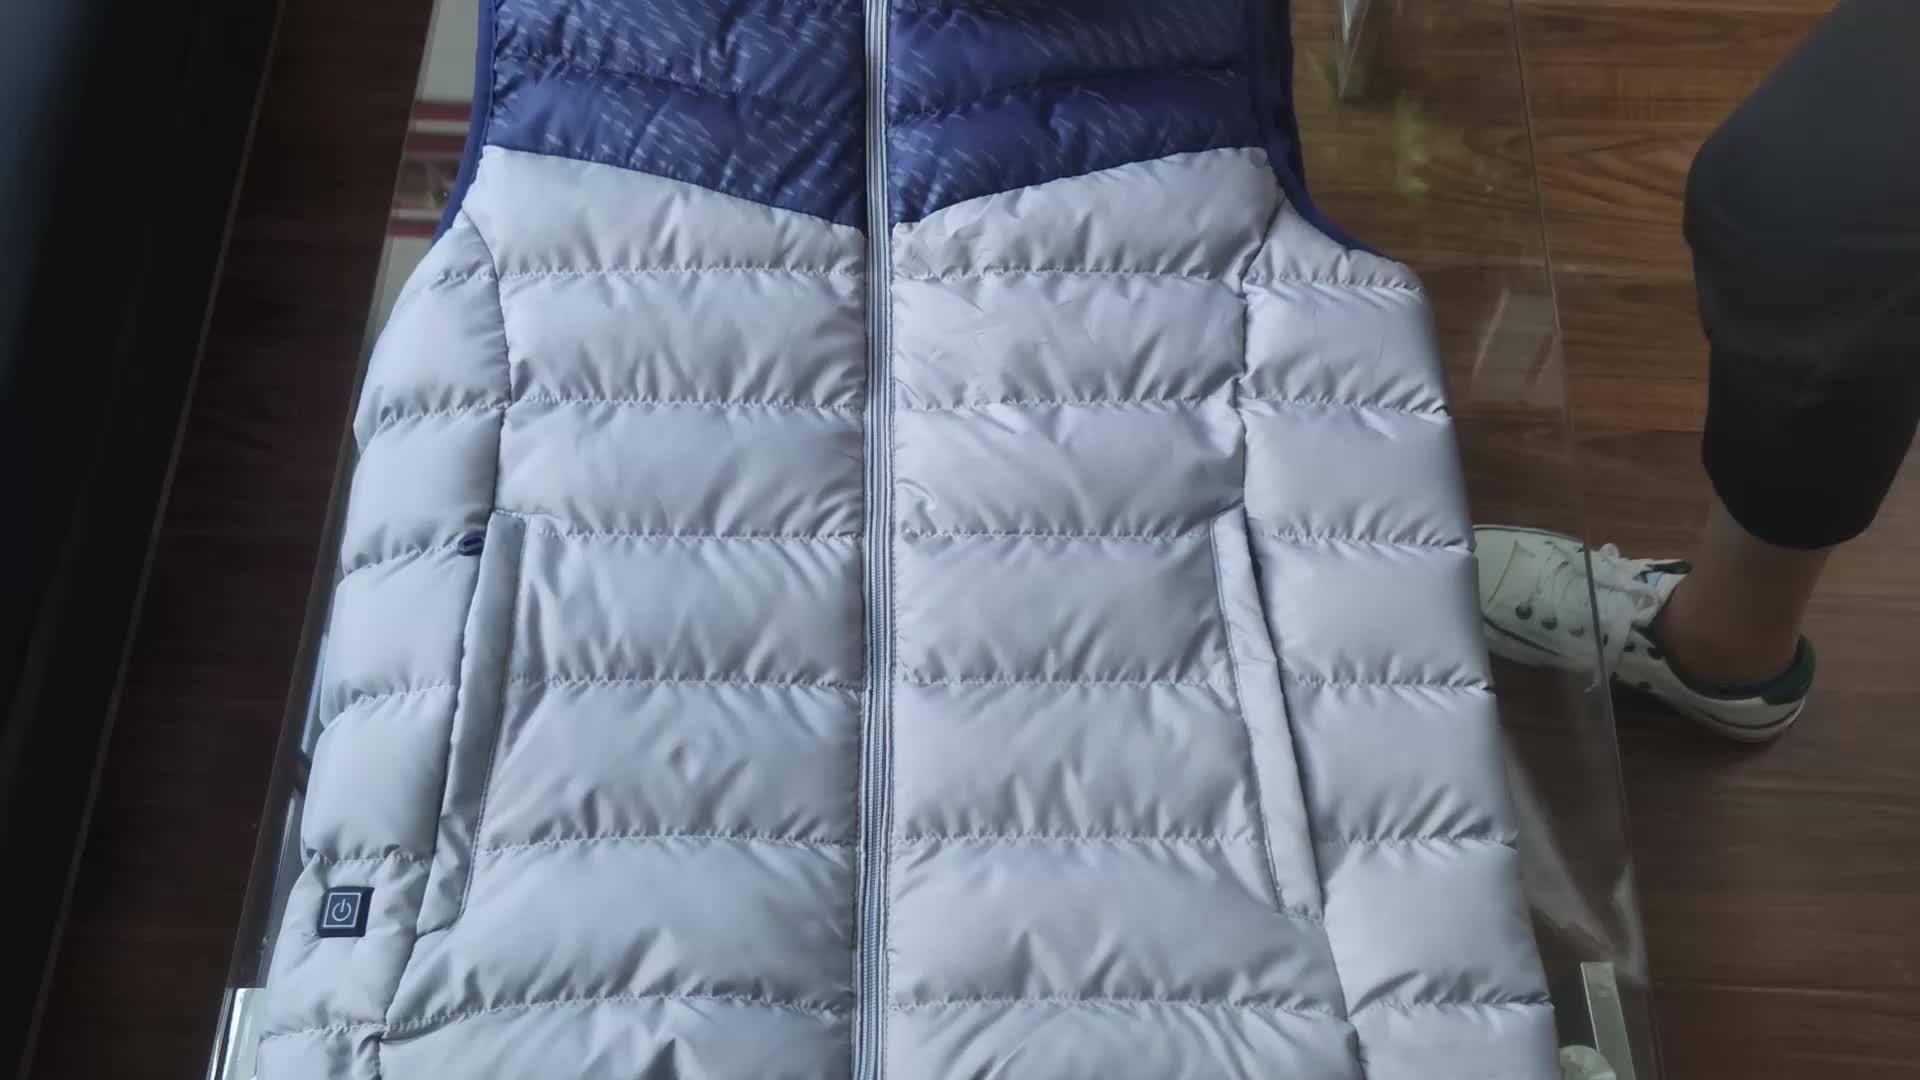 เครื่องทำความร้อน Usb การล่าสัตว์เสื้อกั๊กอุ่นเสื้อเครื่องทำความร้อนฤดูหนาวเสื้อผ้าผู้ชายความร้อนกลางแจ้งเสื้อกั๊ก